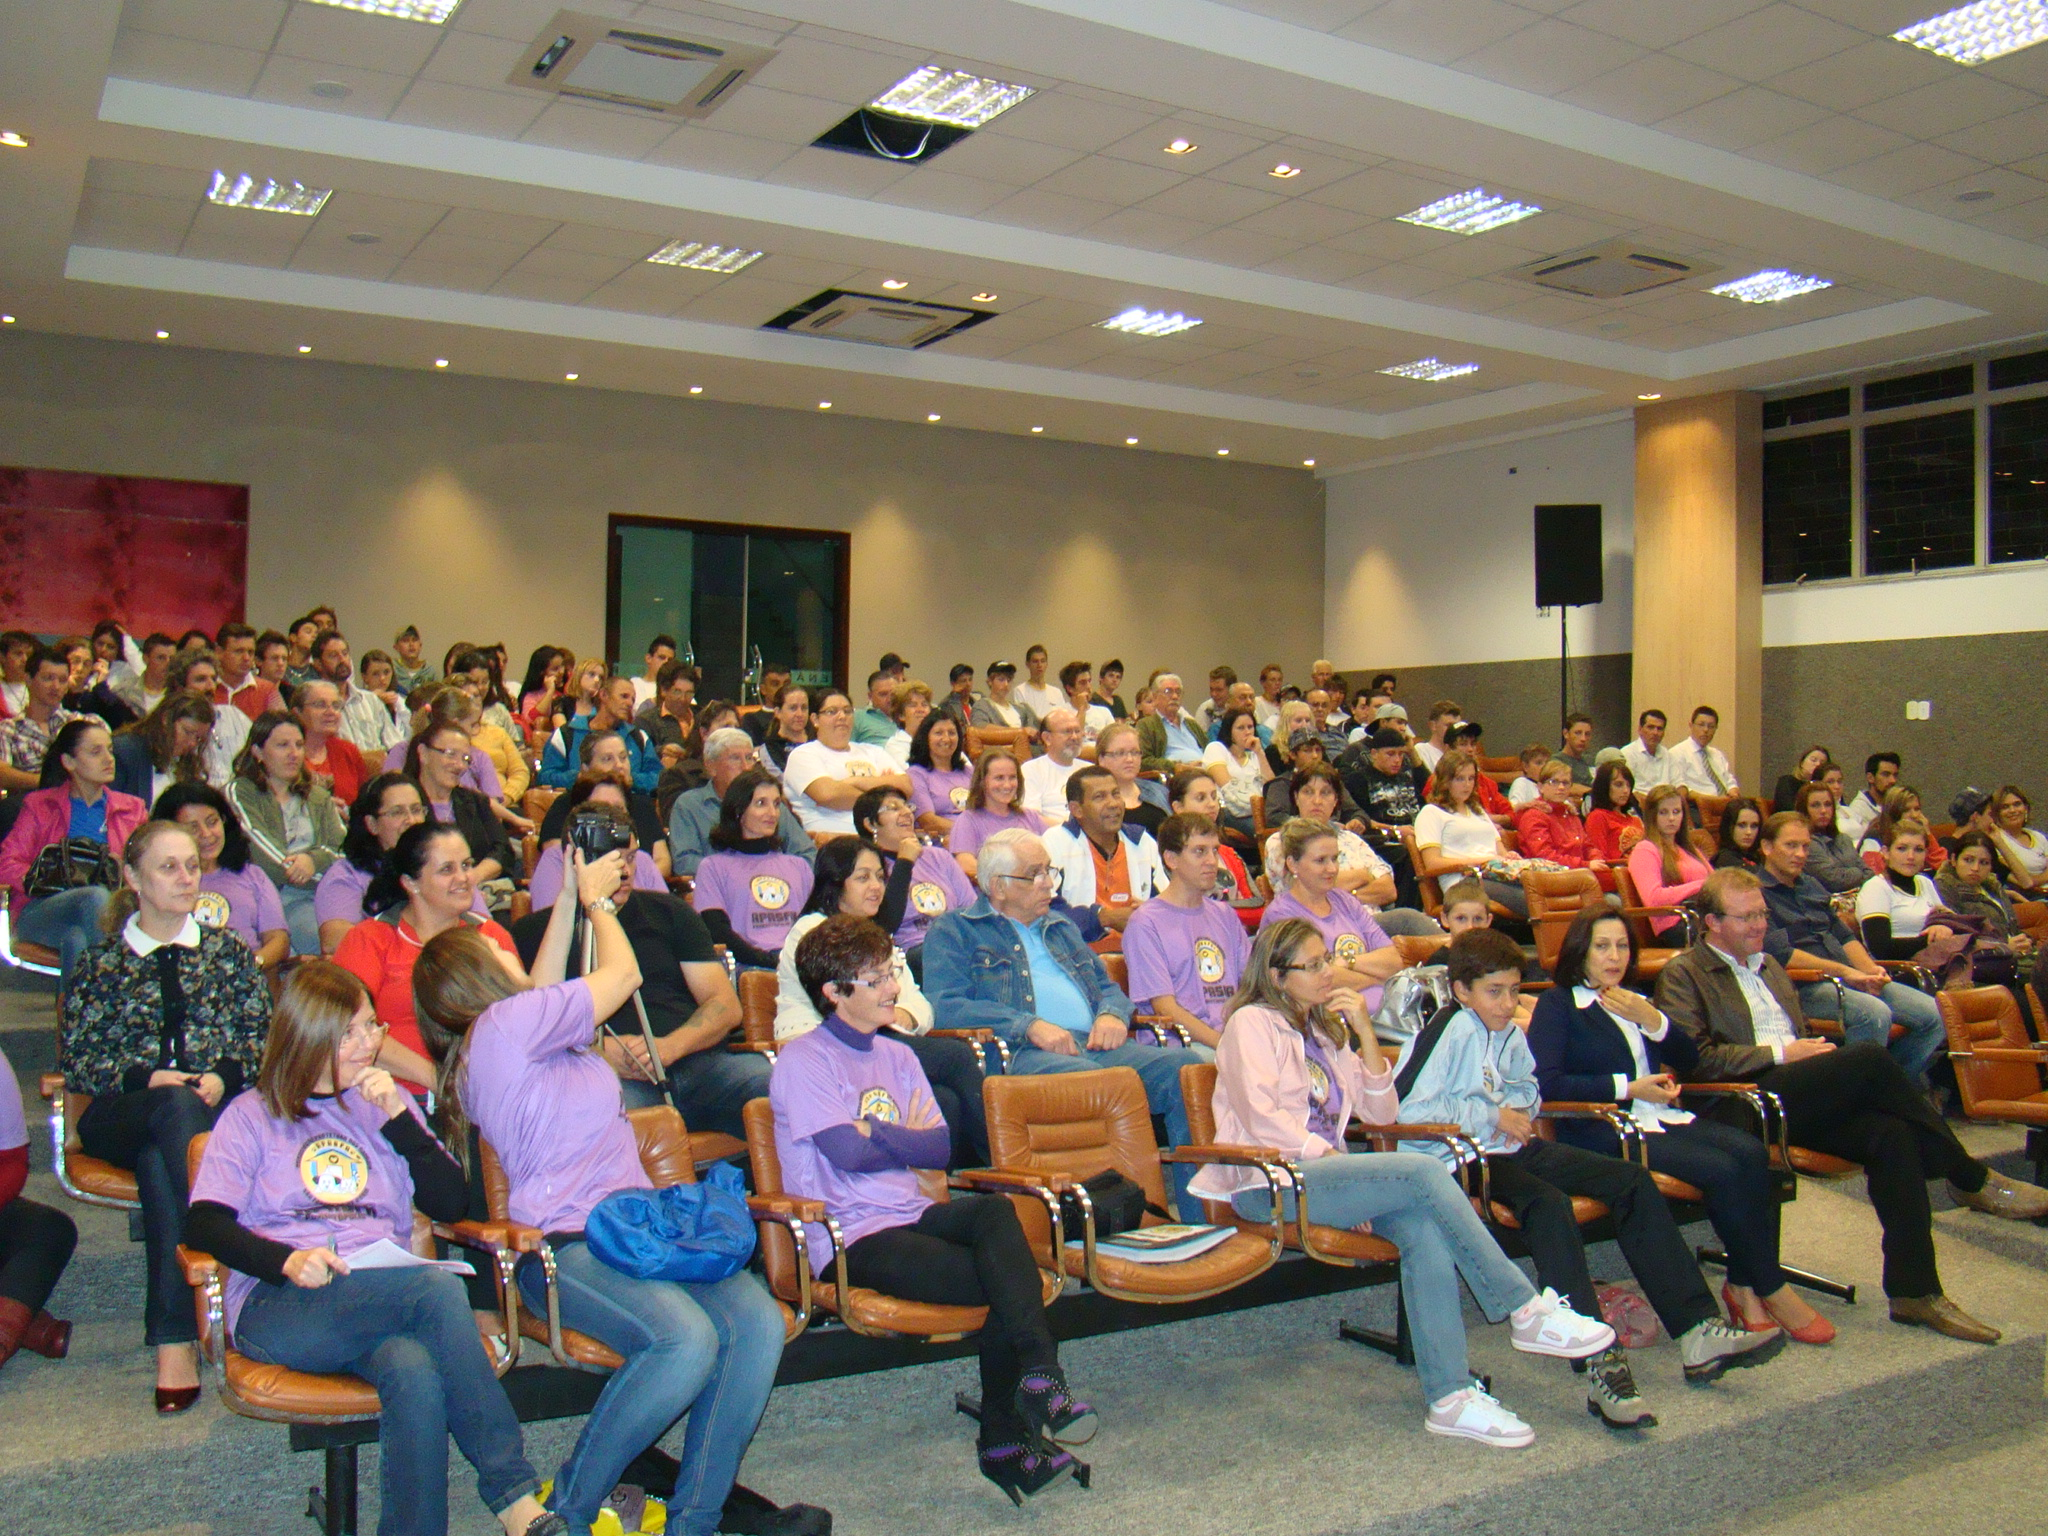 Simpatizantes da APASFA desde os primeiros movimentos de sua funda��o, estiveram presentes no Legislativo, acompanhando a tramita��o das mat�rias.